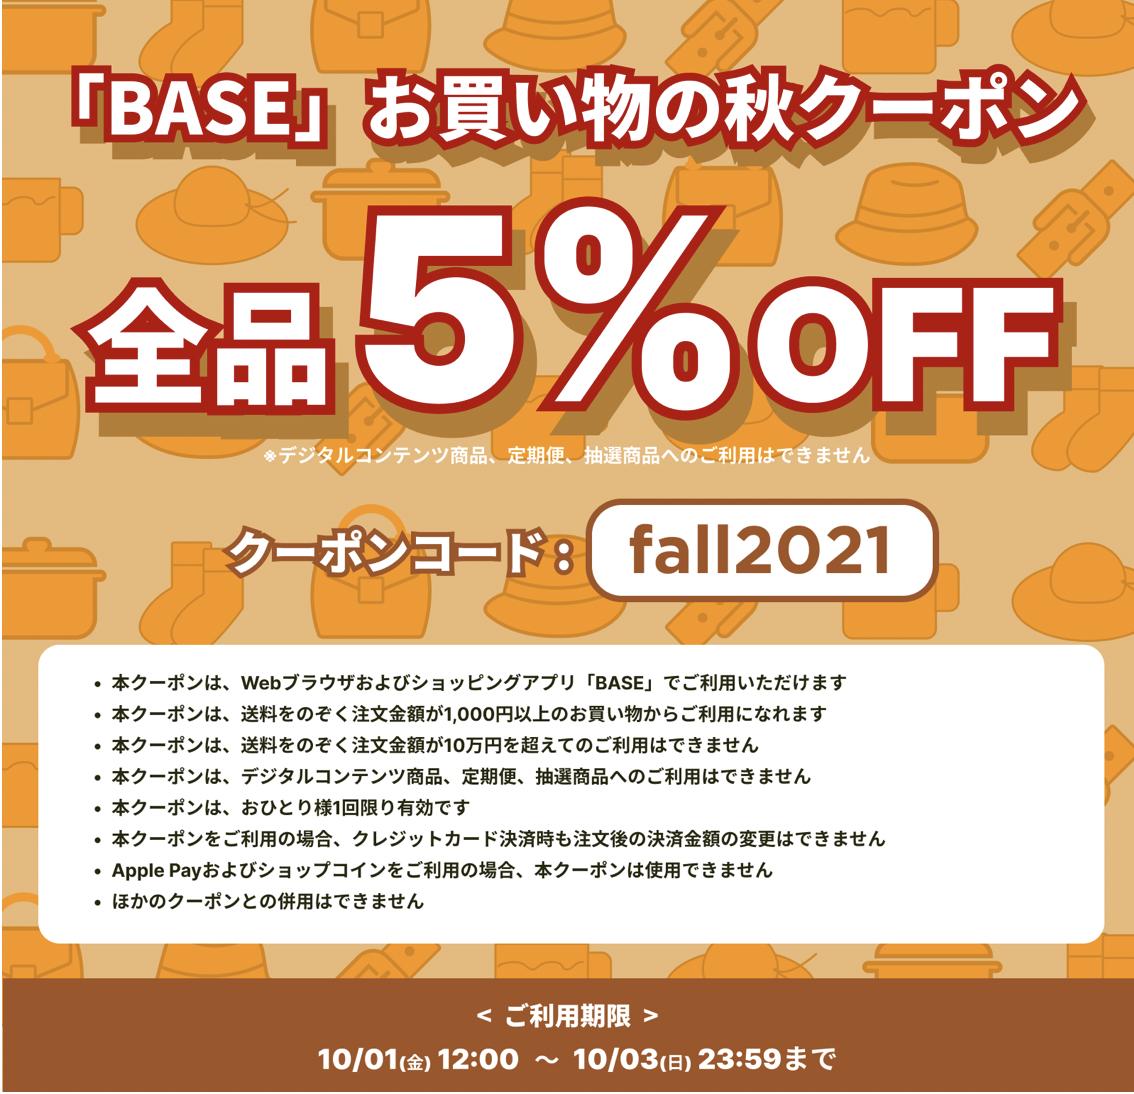 【2021年10月開催】お得な <BASE5%OFFクーポン> キャンペーン!